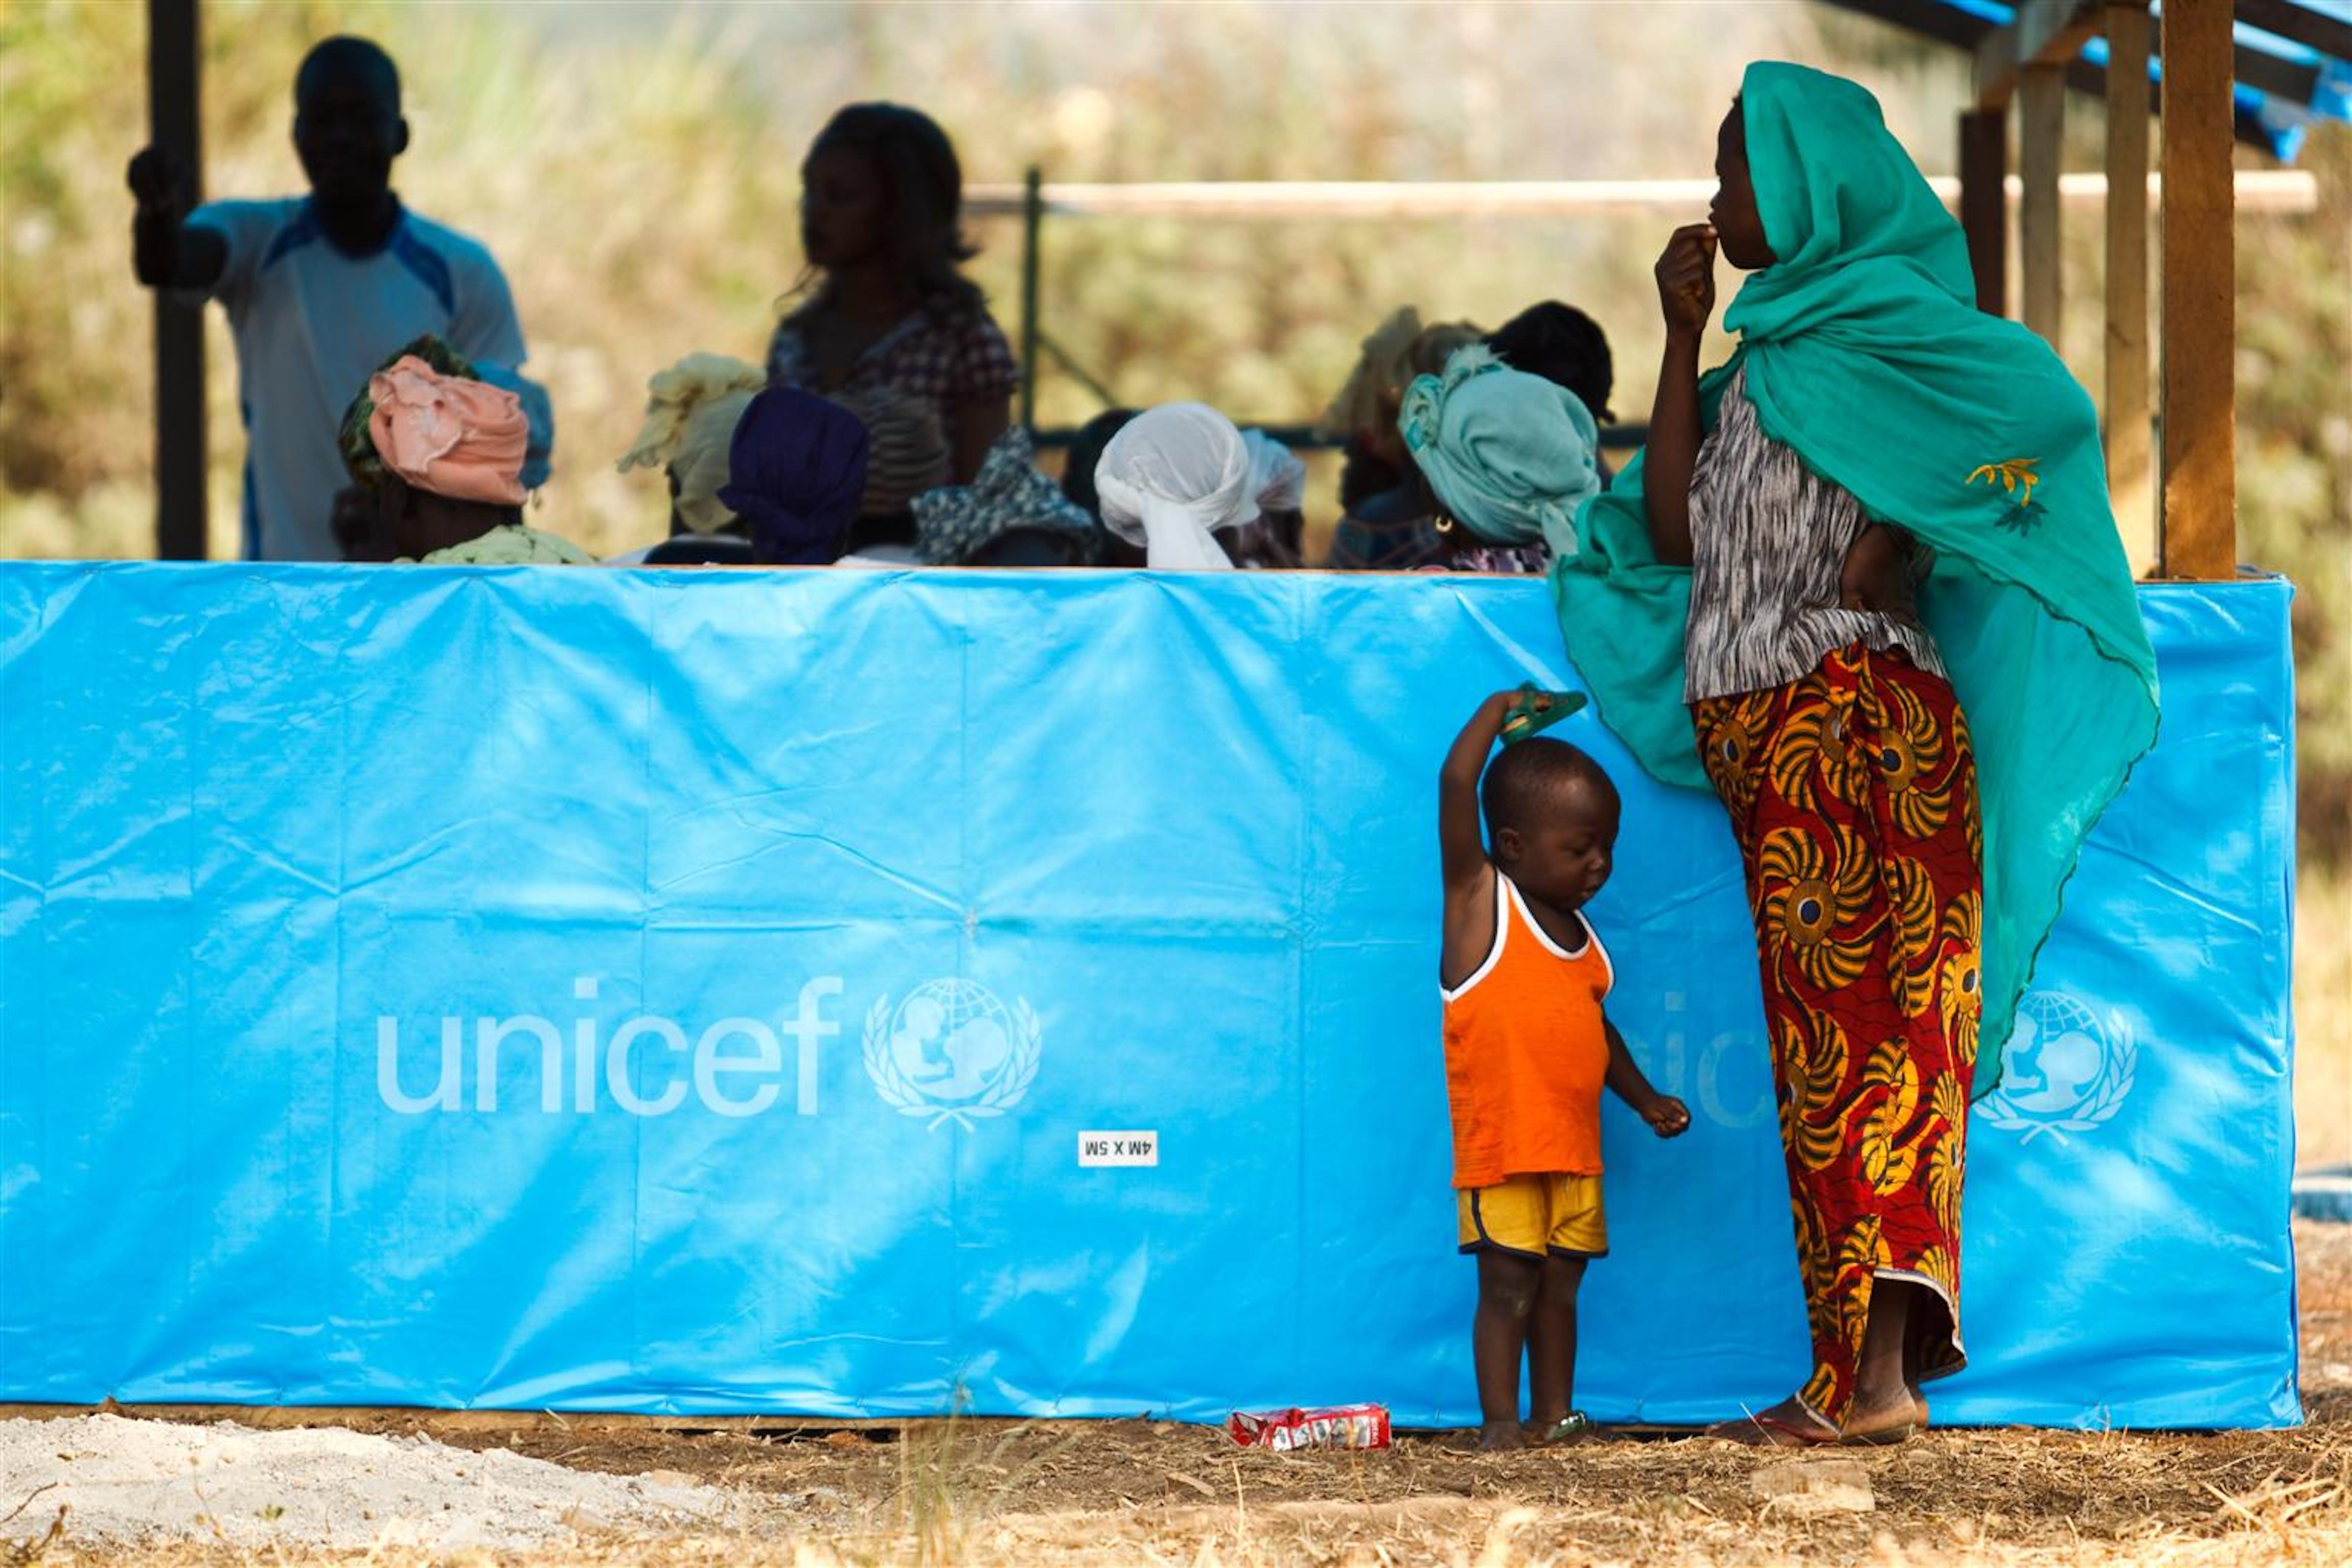 Una donna con bambino ospite di un centro per sfollati nella città di Man (Costa d'Avorio) - ©UNICEF/NYHQ2011-0146/O.Asselin